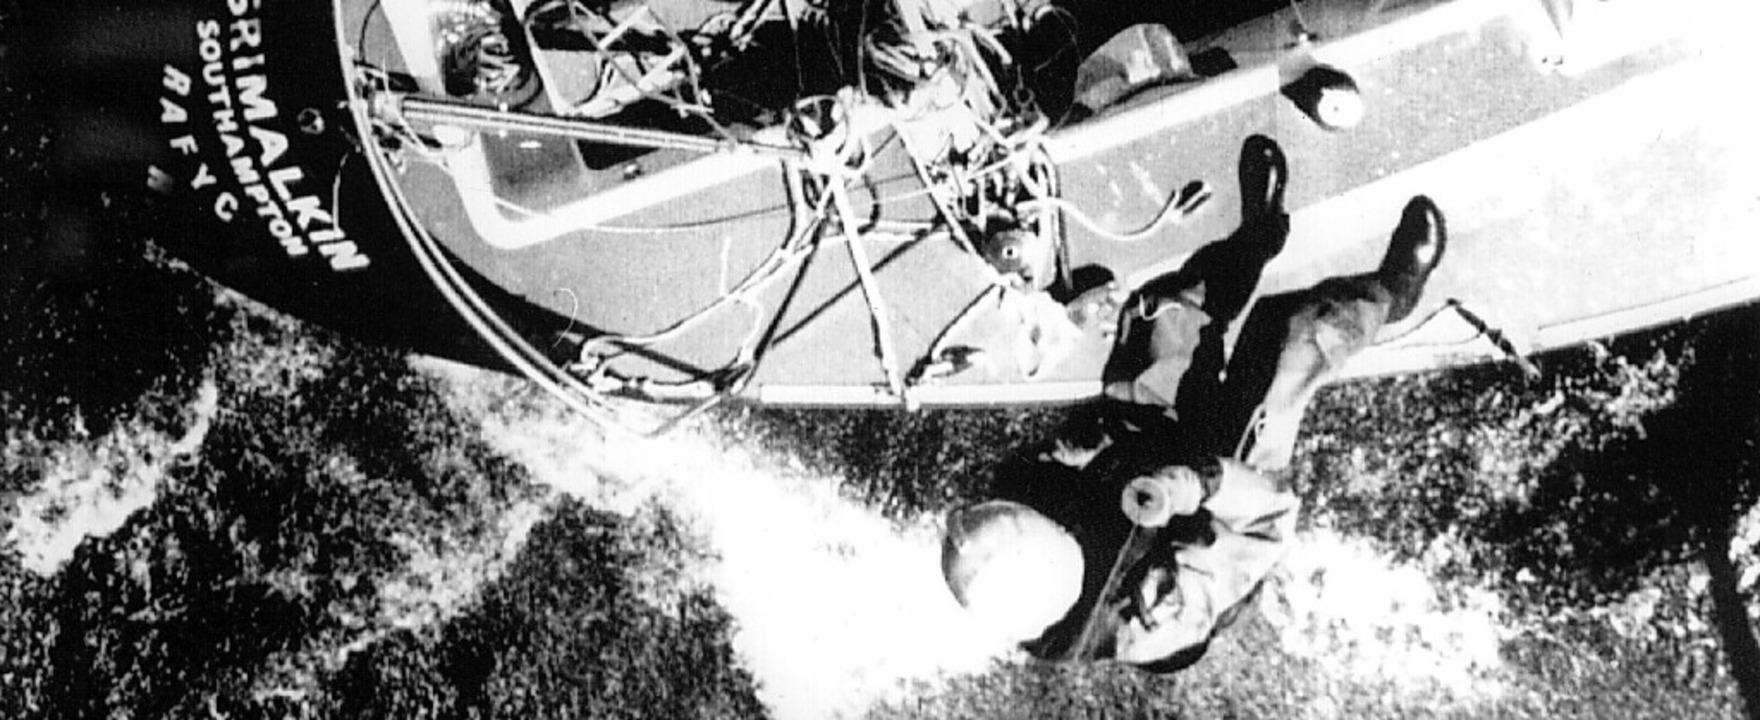 Von einem Marinehubschrauber aus wird ...sche Jacht Grimalkin heruntergelassen.    Foto: UPI (dpa)